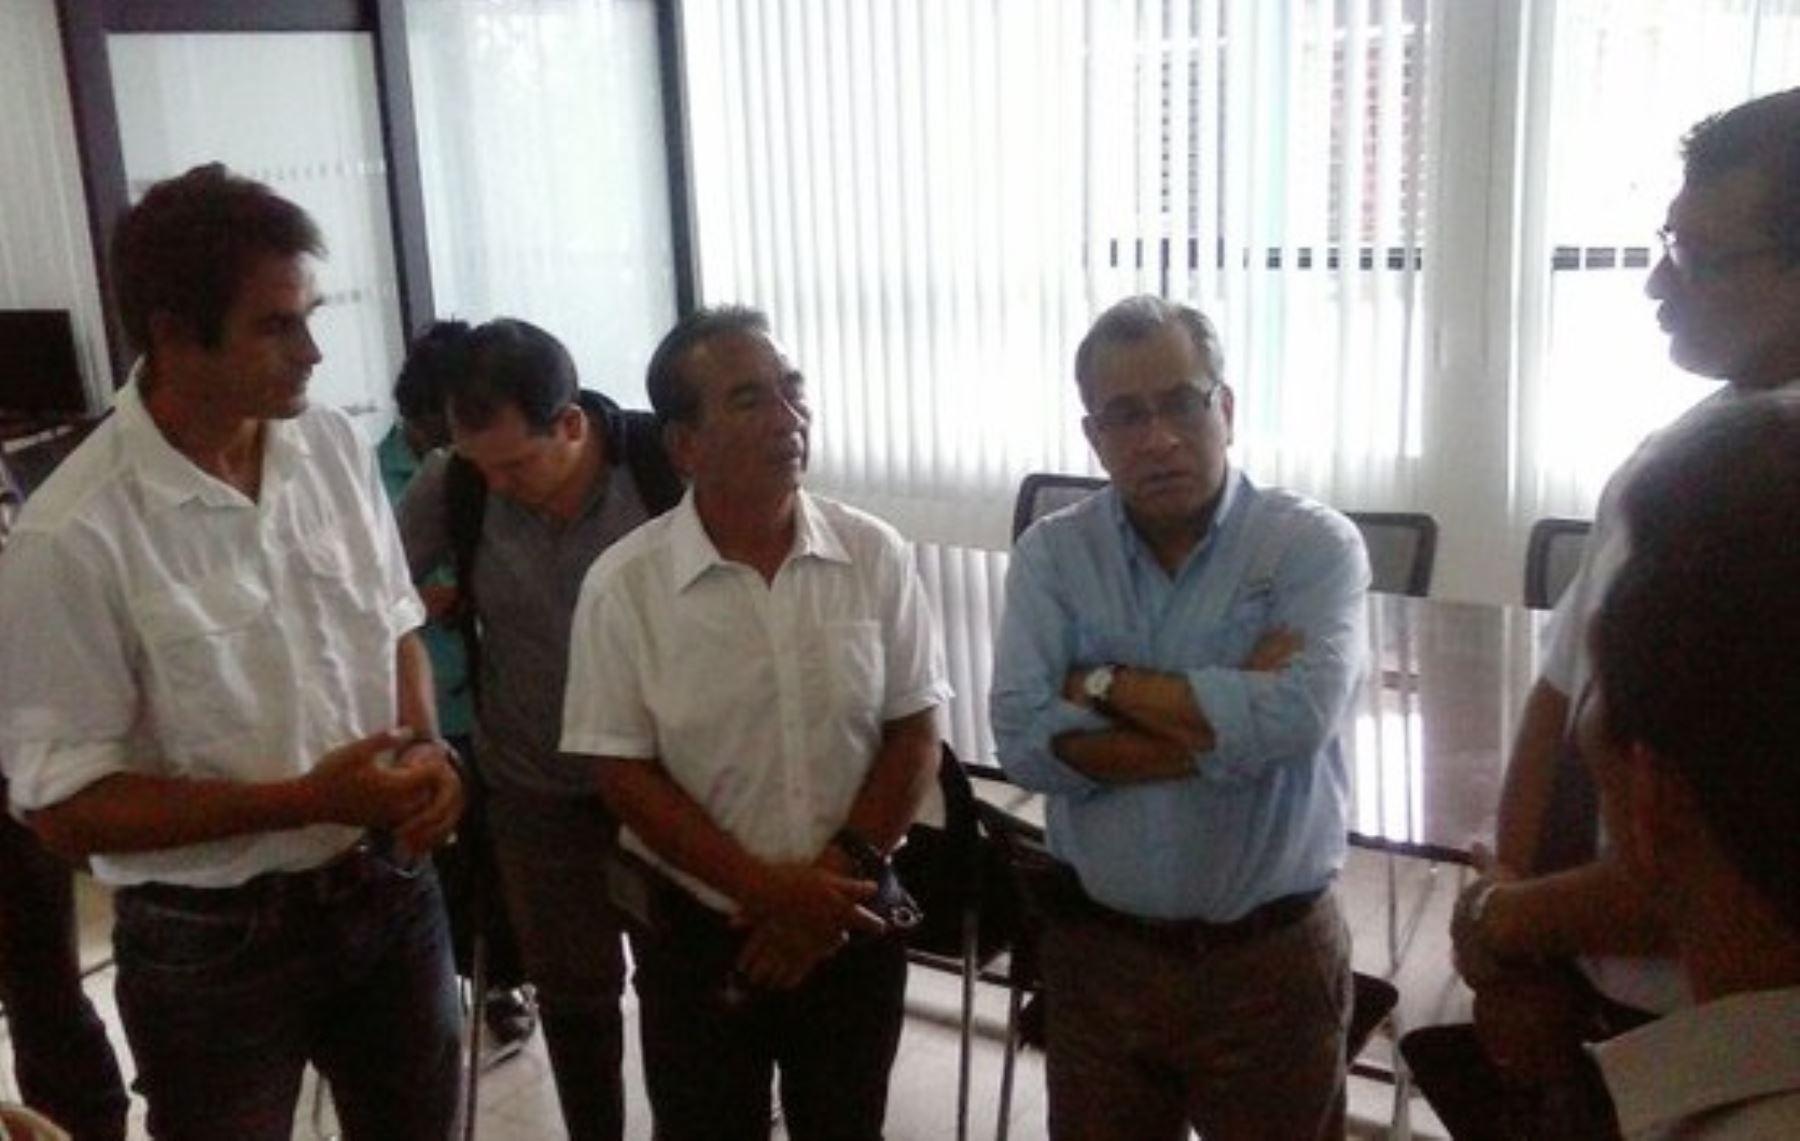 En 12 colegios públicos de Tumbes se postergará el inicio de clases, previsto para el 14 de marzo en todo el país, debido a los daños sufridos en su infraestructura como consecuencia de las intensas lluvias provocadas por el Fenómeno El Niño, anunció hoy el ministro de Educación, Jaime Saavedra.